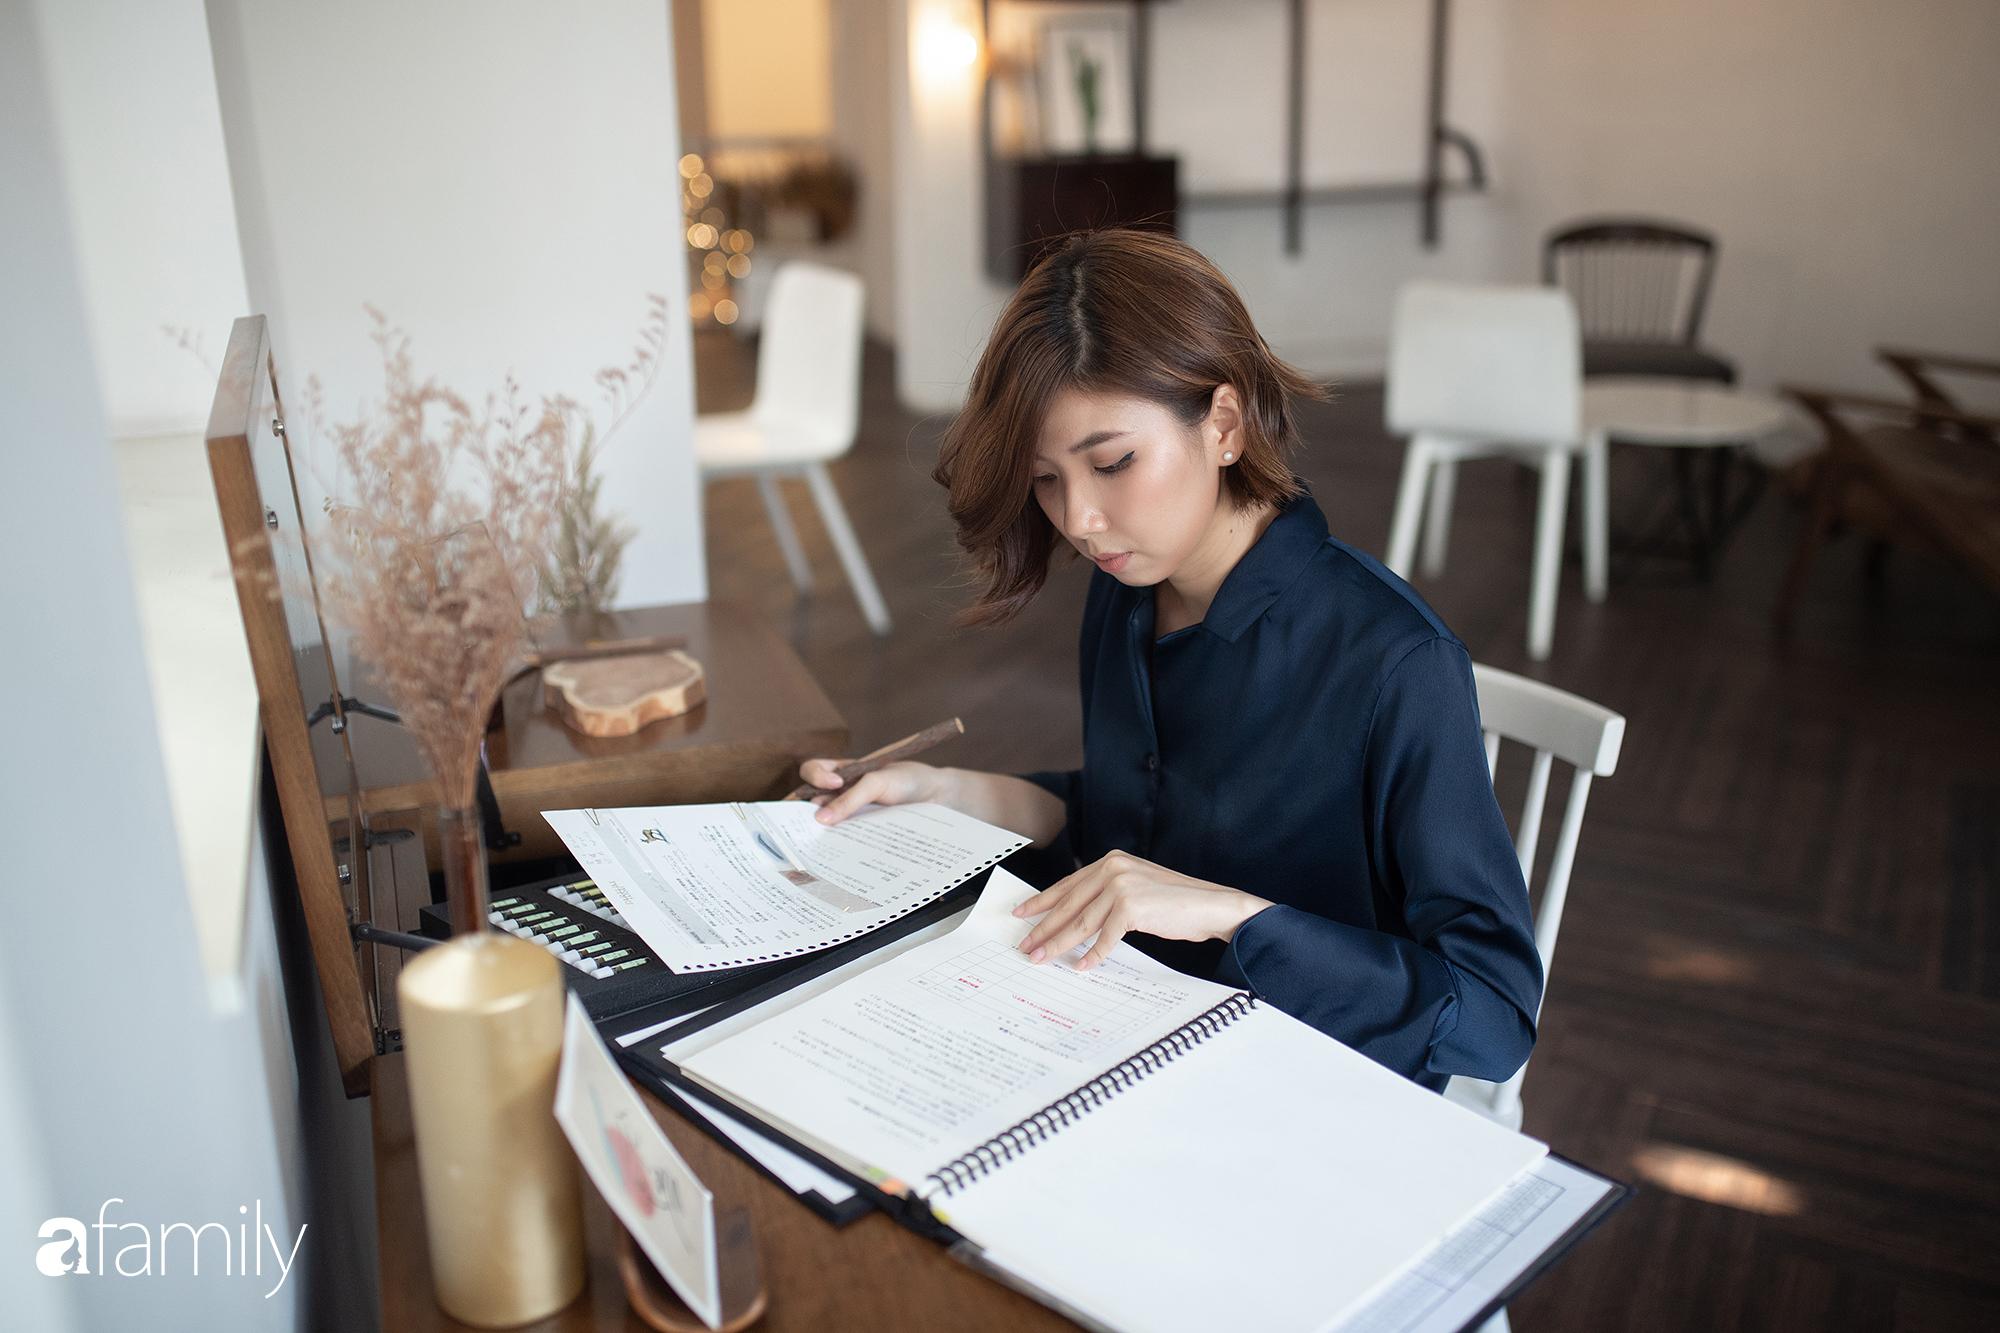 Rei Nguyễn - Nghệ sĩ nước hoa người Việt đầu tiên tổ chức triển lãm tại Nhật Bản, từ bỏ nghề Ngân hàng để được cháy hết mình trong thế giới mùi hương - Ảnh 9.